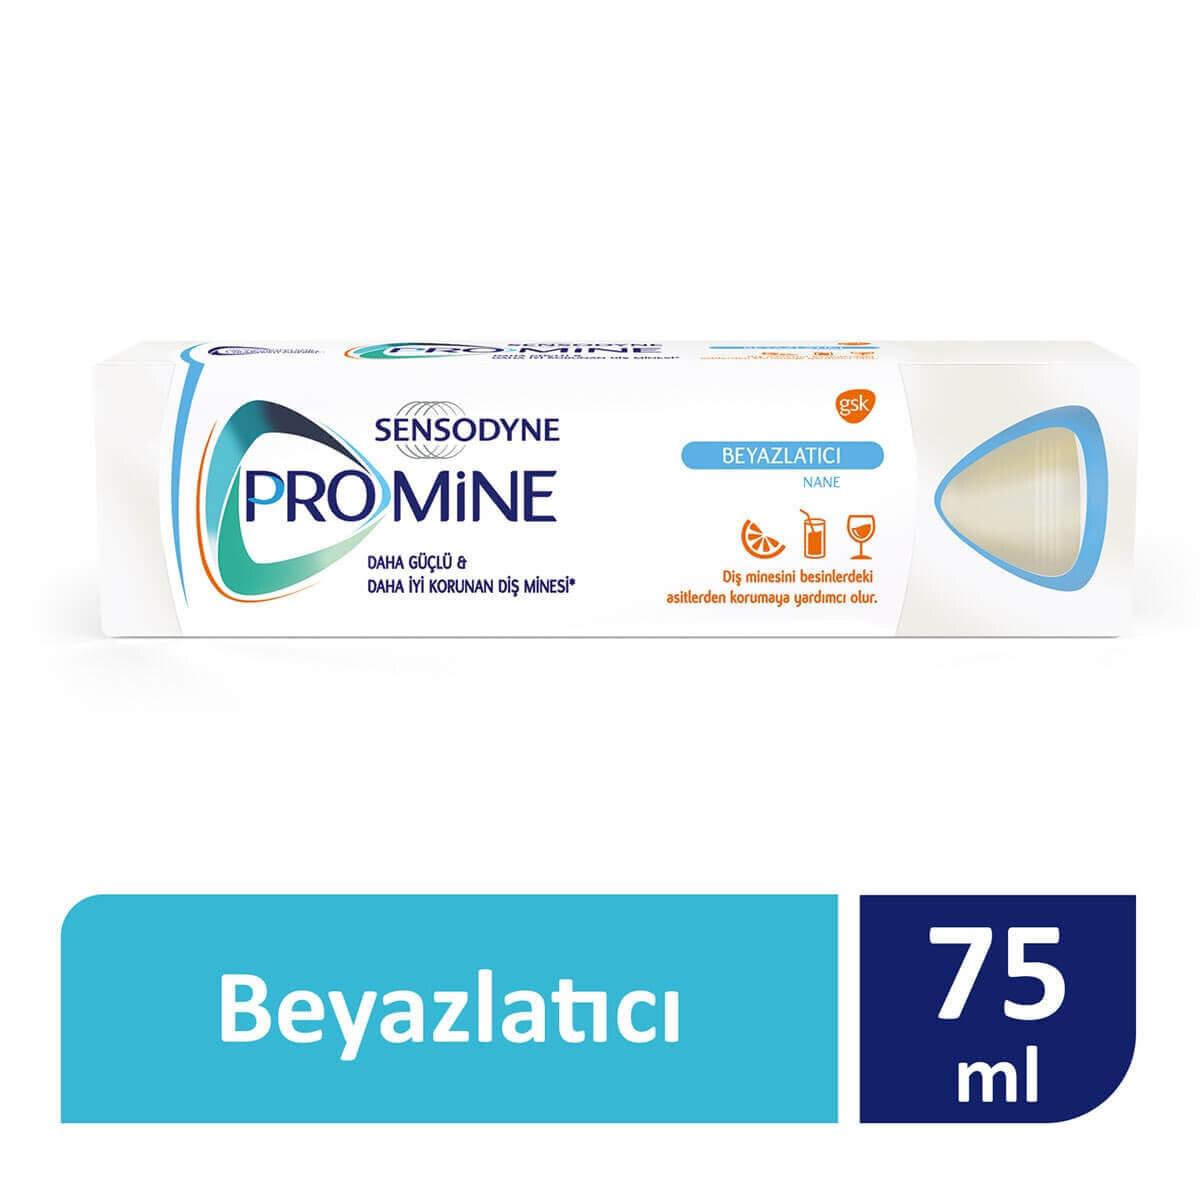 Sensodyne Promine Beyazlatıcı Diş Macunu 75 ml